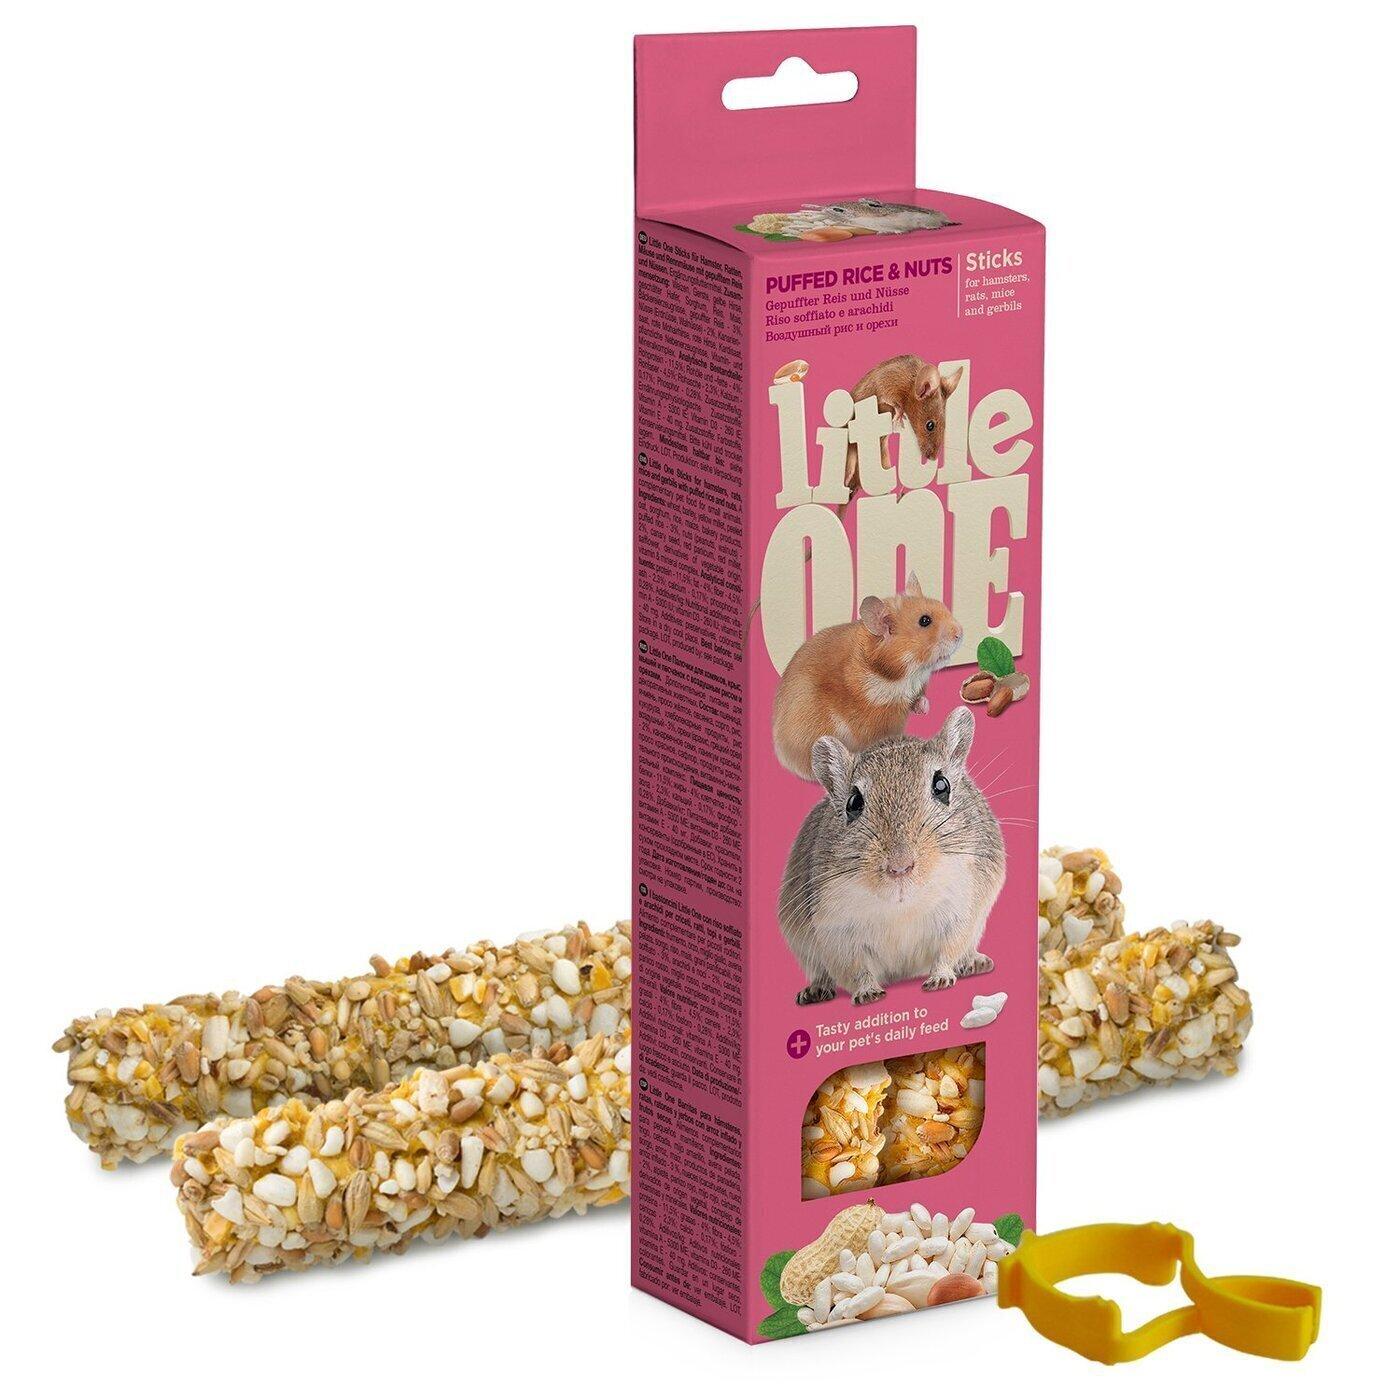 Little One палочки для хомяков, мышей и песчанок, с воздушным рисом и орехами 110 гр